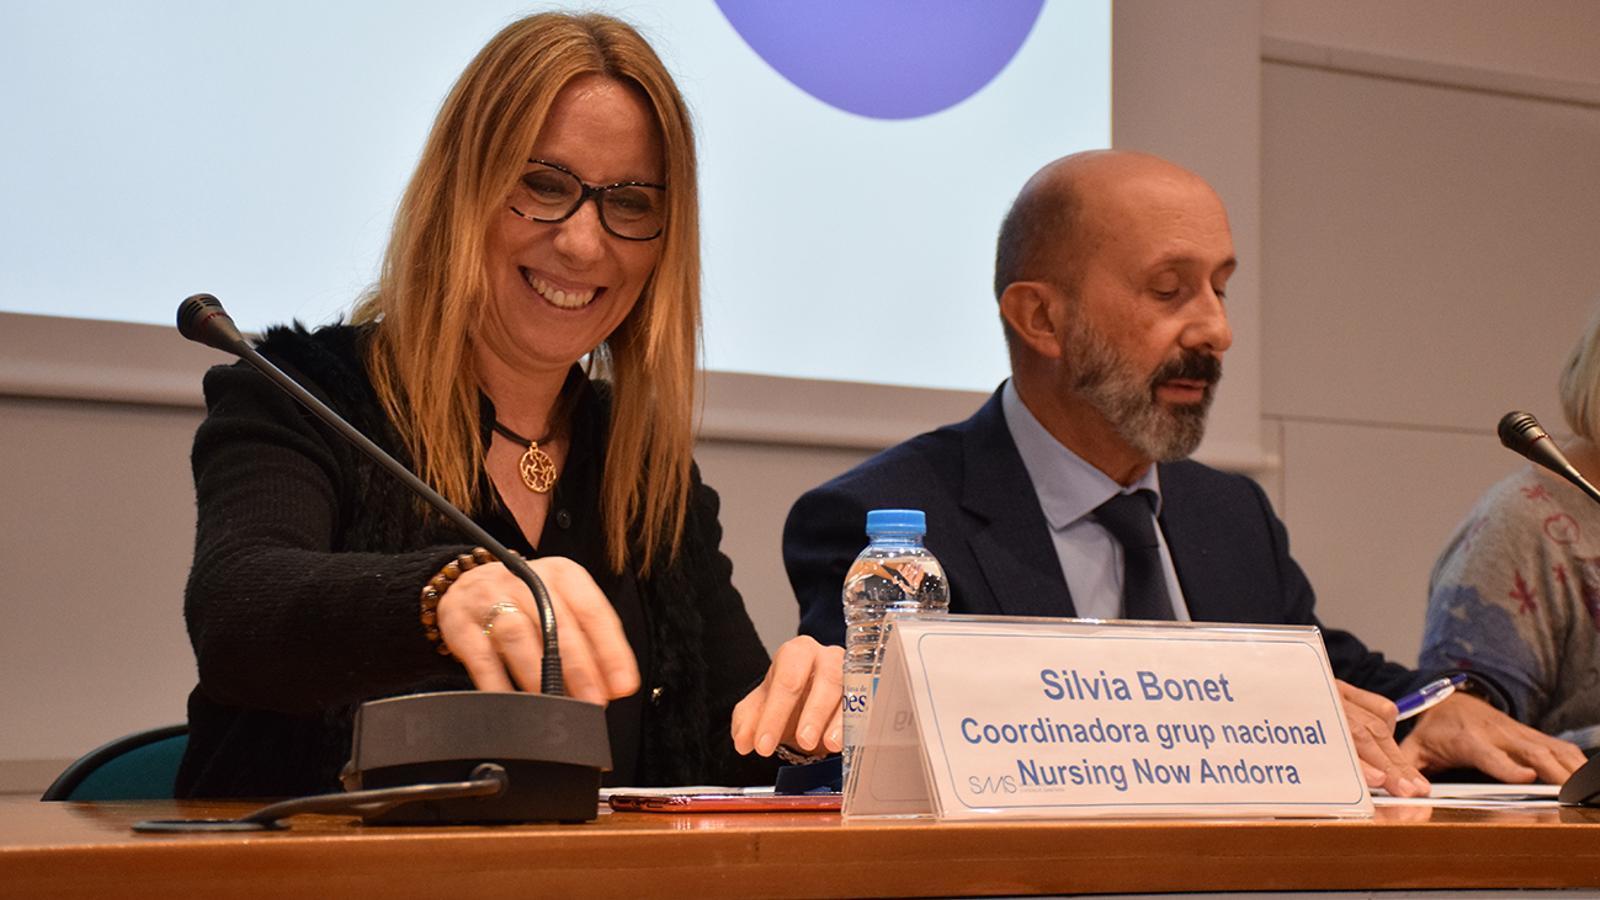 Sílvia Bonet i Joan Martínez Benazet, aquest dilluns a la sala d'actes del SAAS. / A. B. (ANA)